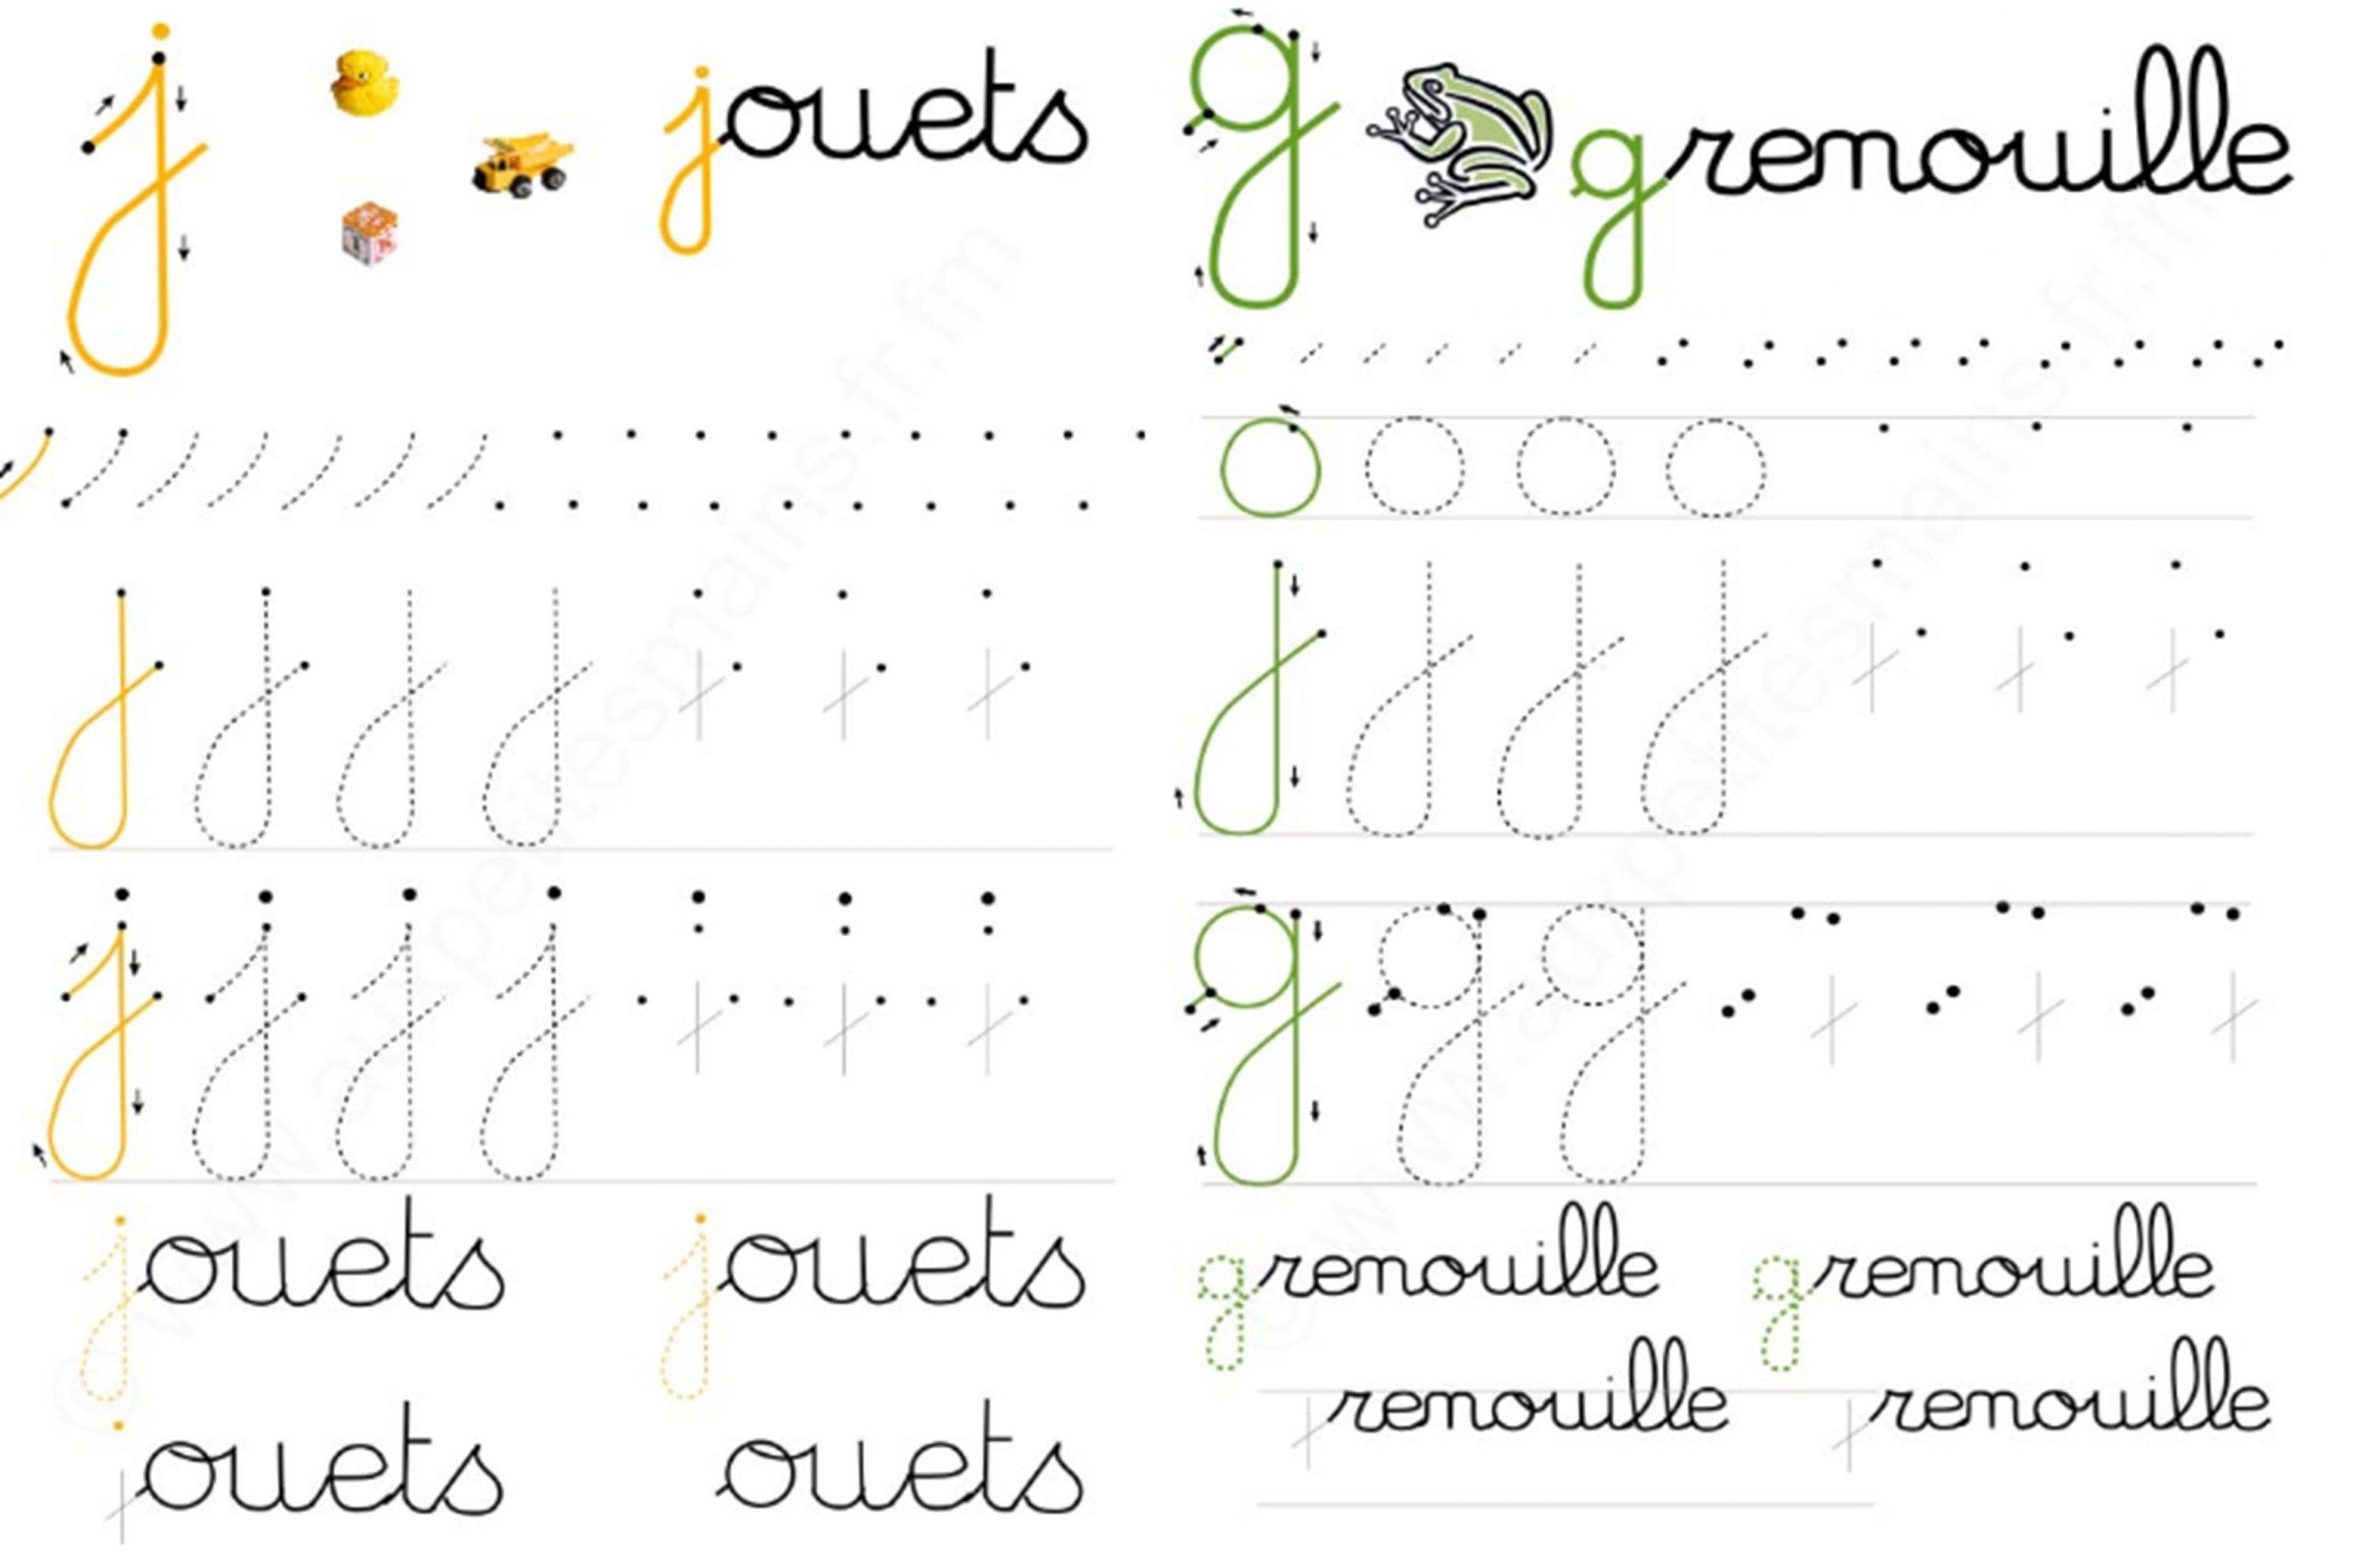 Fichier D'écriture Grande Section | Le Blog De Monsieur Mathieu concernant Jeux Gratuit Maternelle Grande Section